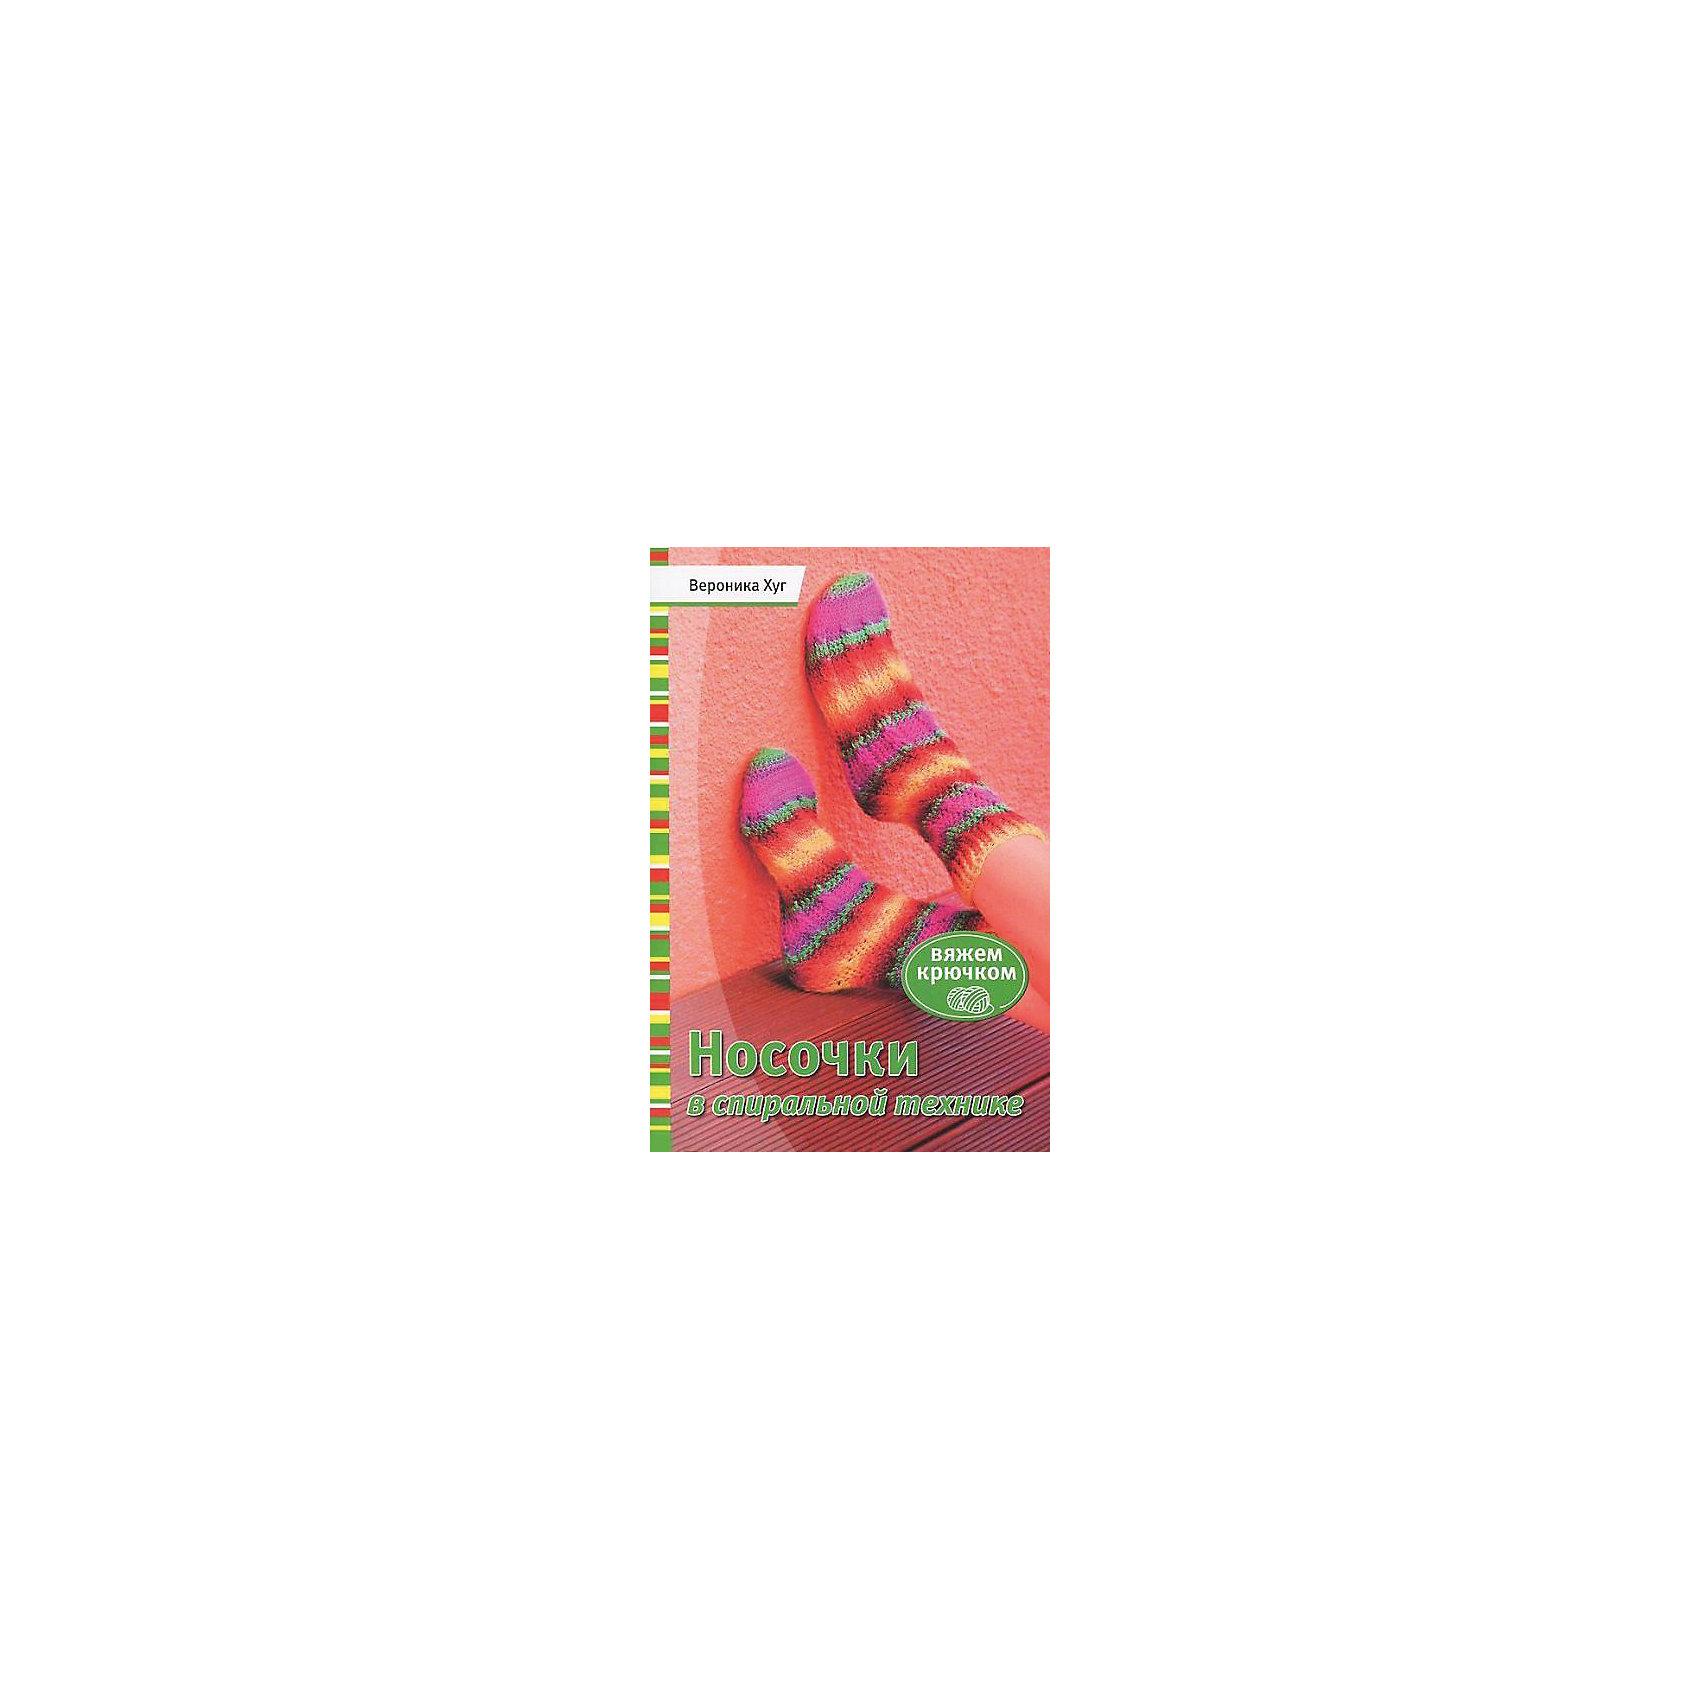 Носочки в спиральной техникеНовая оригинальная методика!<br>Предлагаем всем мастерицам уникальную возможность освоить эффектную и яркую технику - вязание носков по спирали крючком. Вы с легкостью свяжете спиральную полосу, а вывязывать пятку нет никакой необходимости! Переходы цветов, интересные узоры и украшения превратят носочки в настоящее произведение искусства. Базовый курс с фотографиями даст вам возможность быстро освоить спиральную технику вязания. Вязание носков еще никогда не было таким простым и увлекательным! Попробуйте!<br><br>Ширина мм: 145<br>Глубина мм: 2<br>Высота мм: 215<br>Вес г: 70<br>Возраст от месяцев: 192<br>Возраст до месяцев: 540<br>Пол: Унисекс<br>Возраст: Детский<br>SKU: 5162749